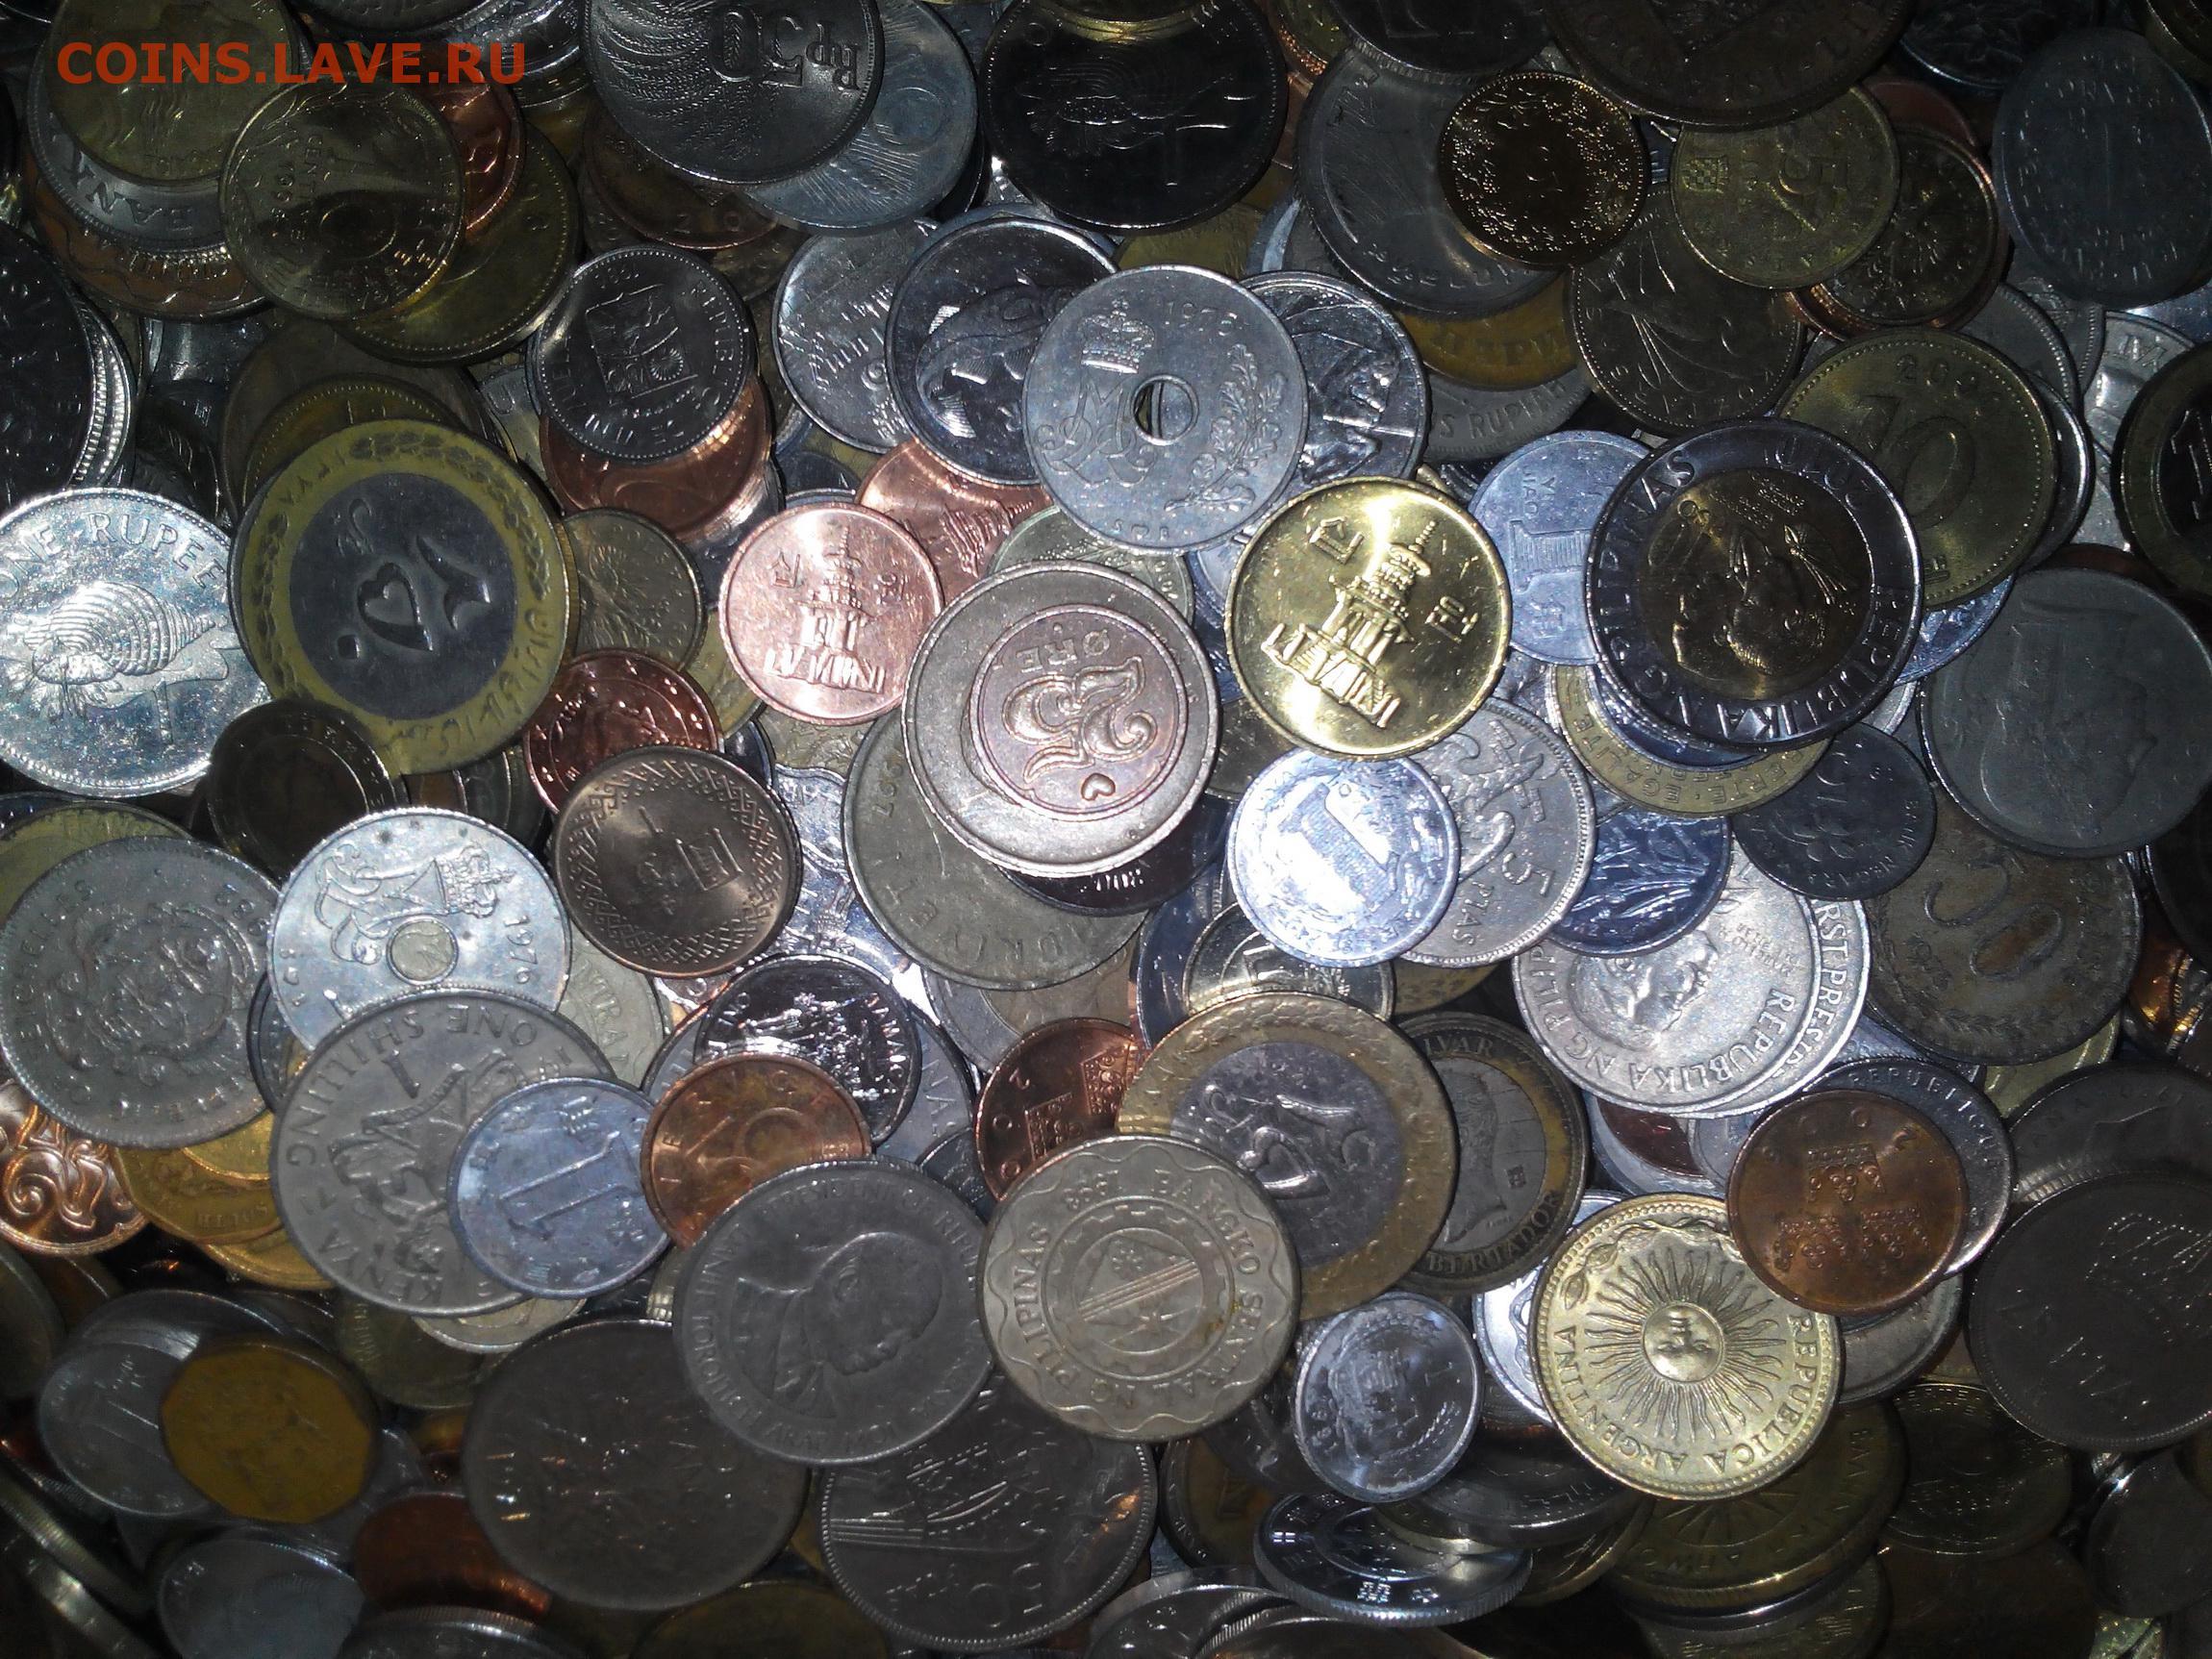 монеты 10 рублей стоимость каталог